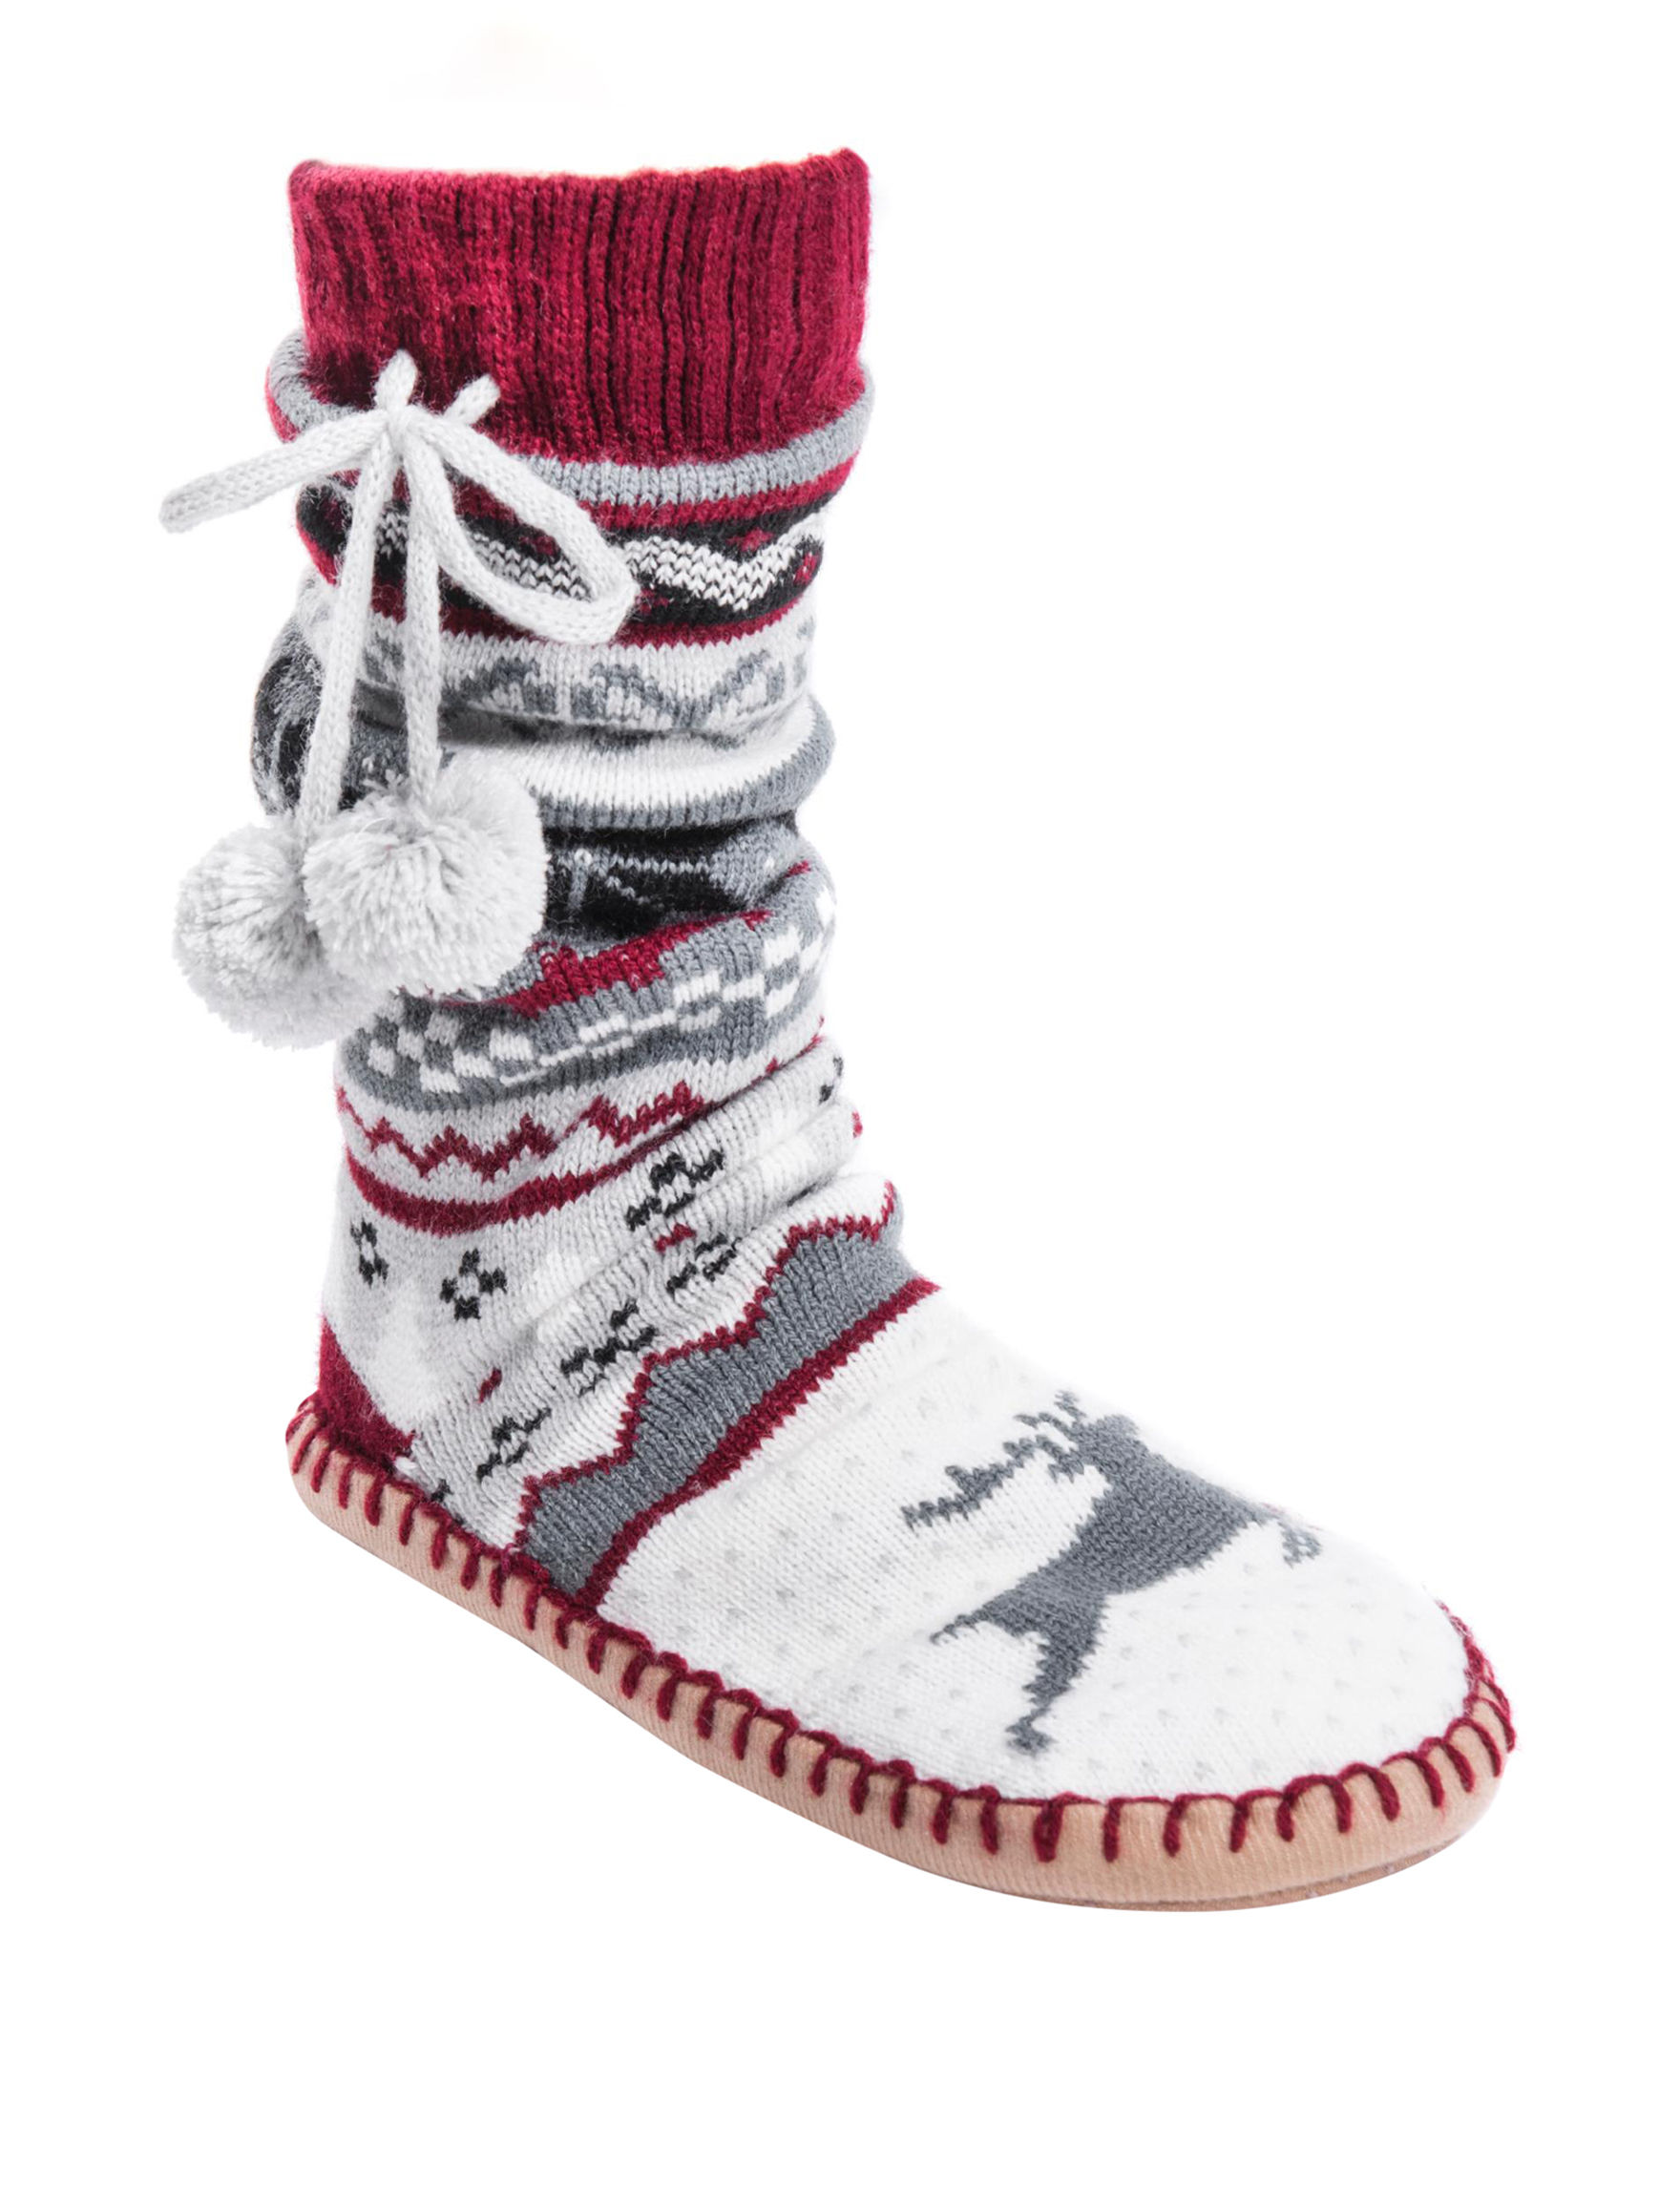 Muk Luks Red Multi Slipper Socks